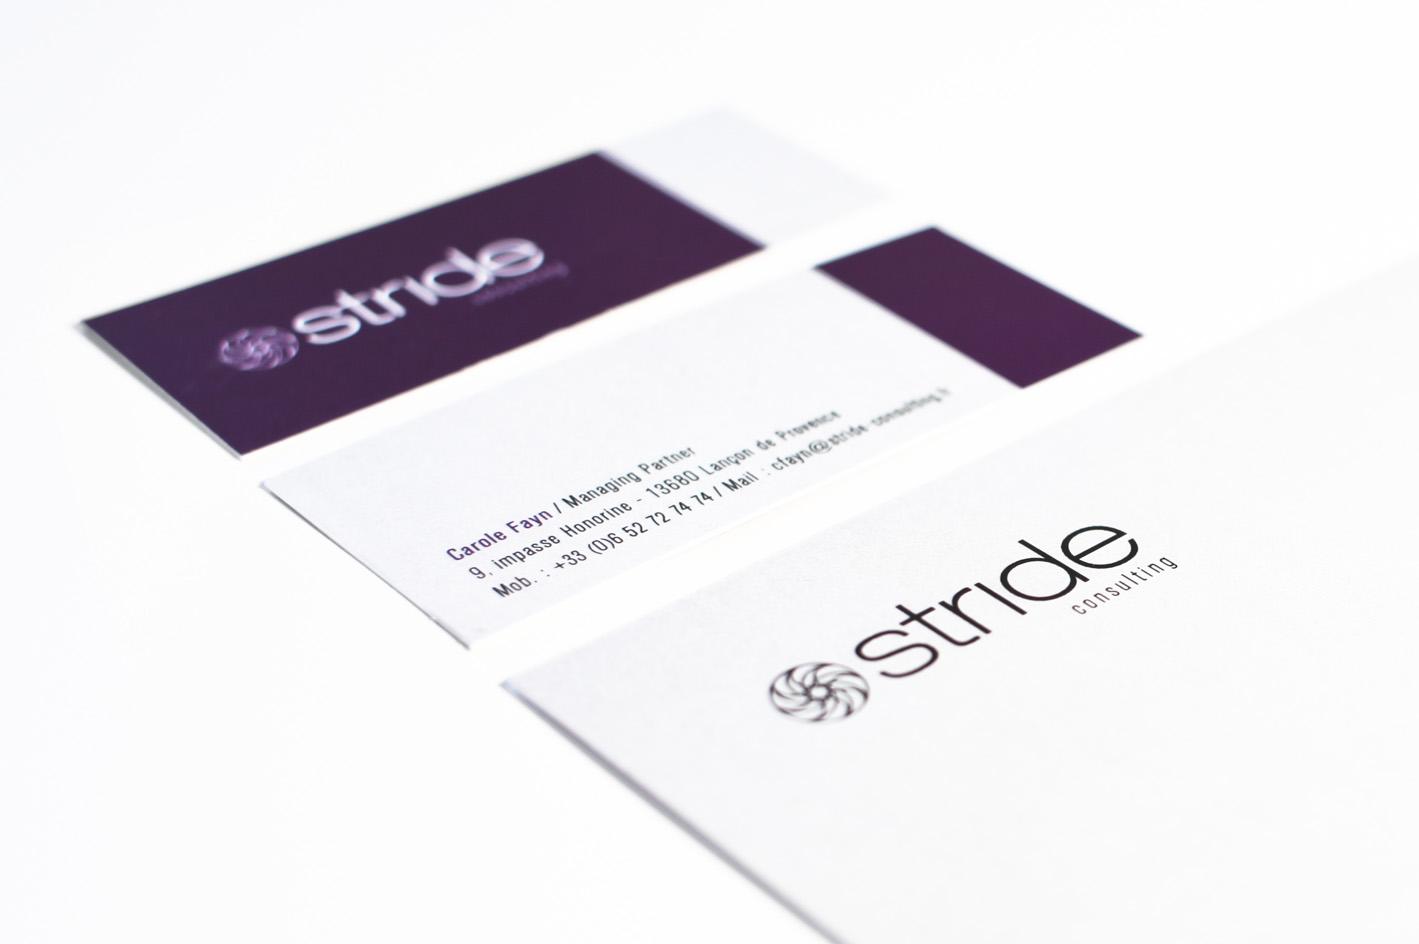 Work_15_Stride_1